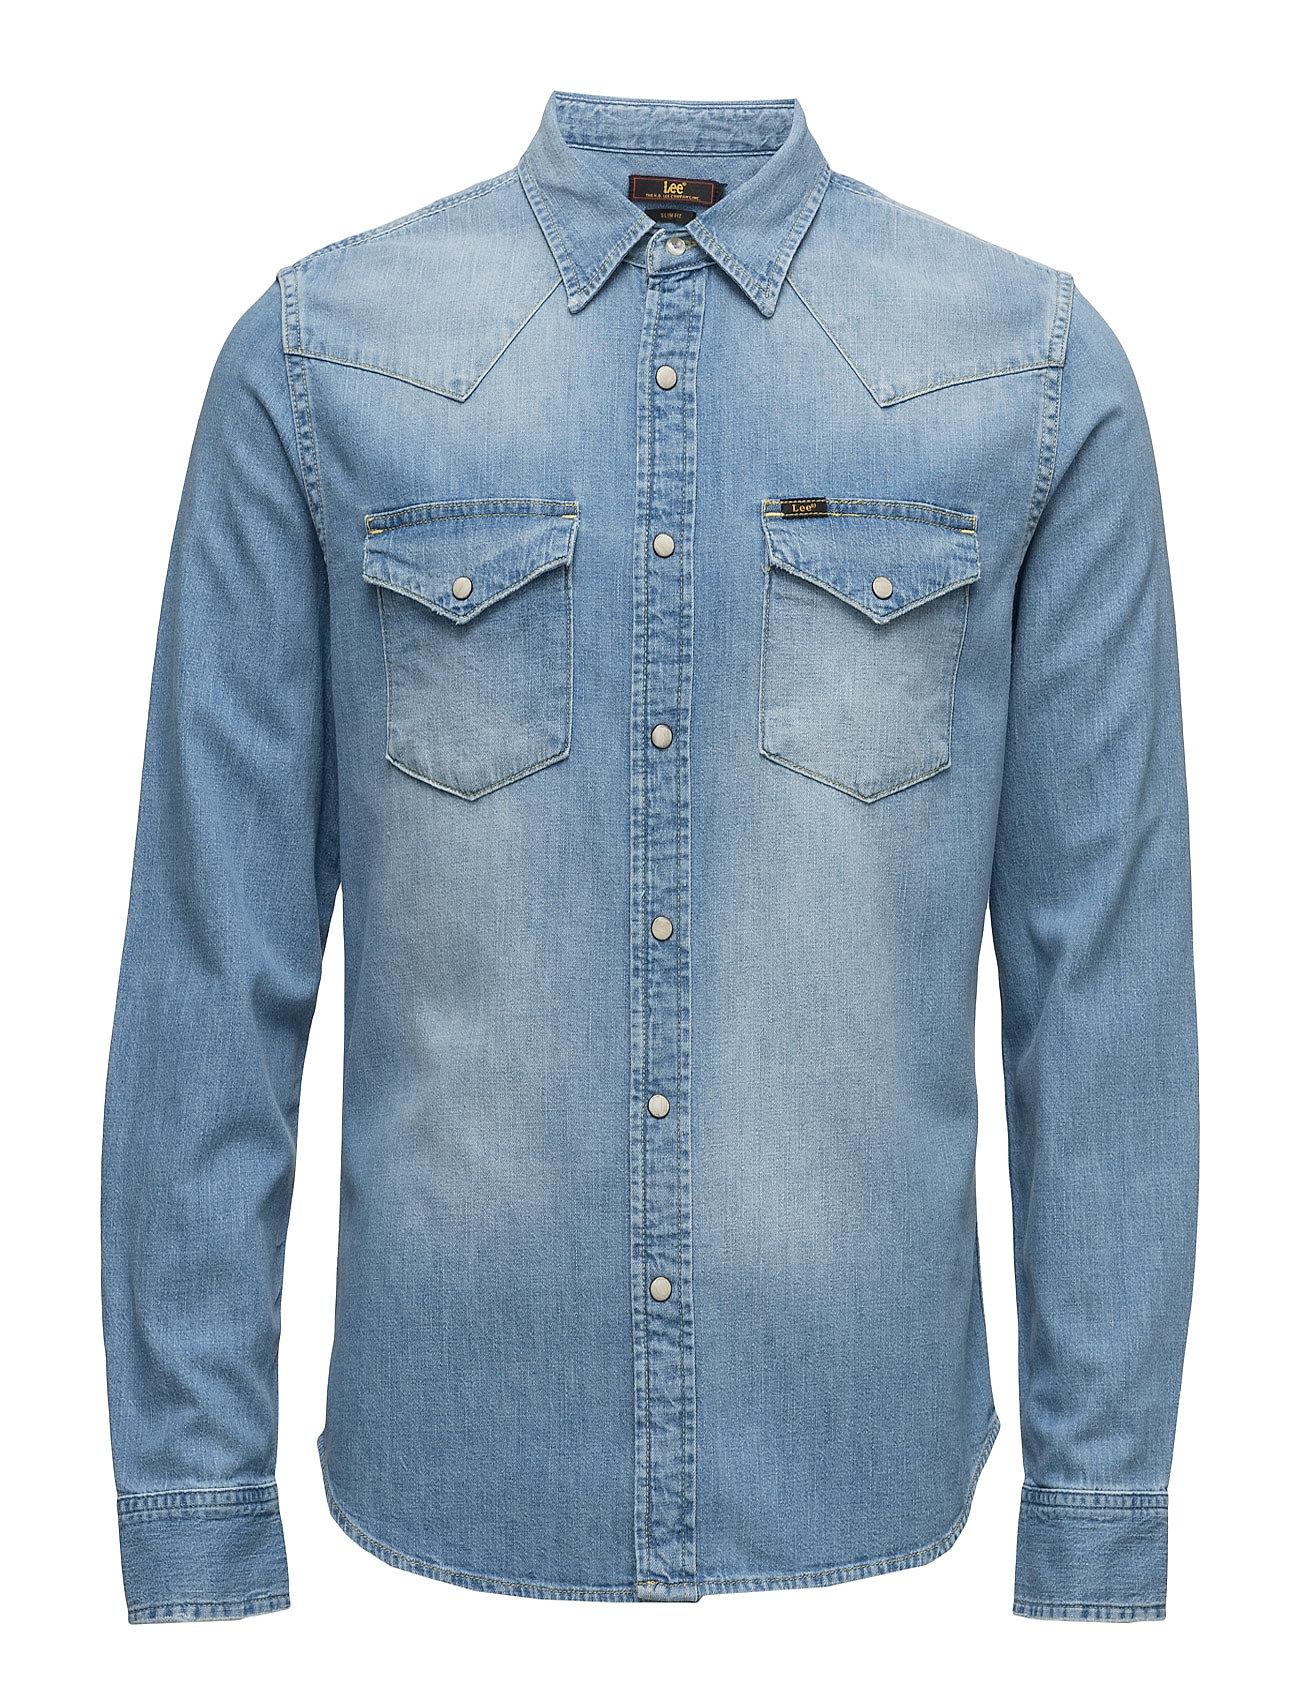 Lee Western Shirt Sun Fade Damage Lee Jeans Casual sko til Herrer i